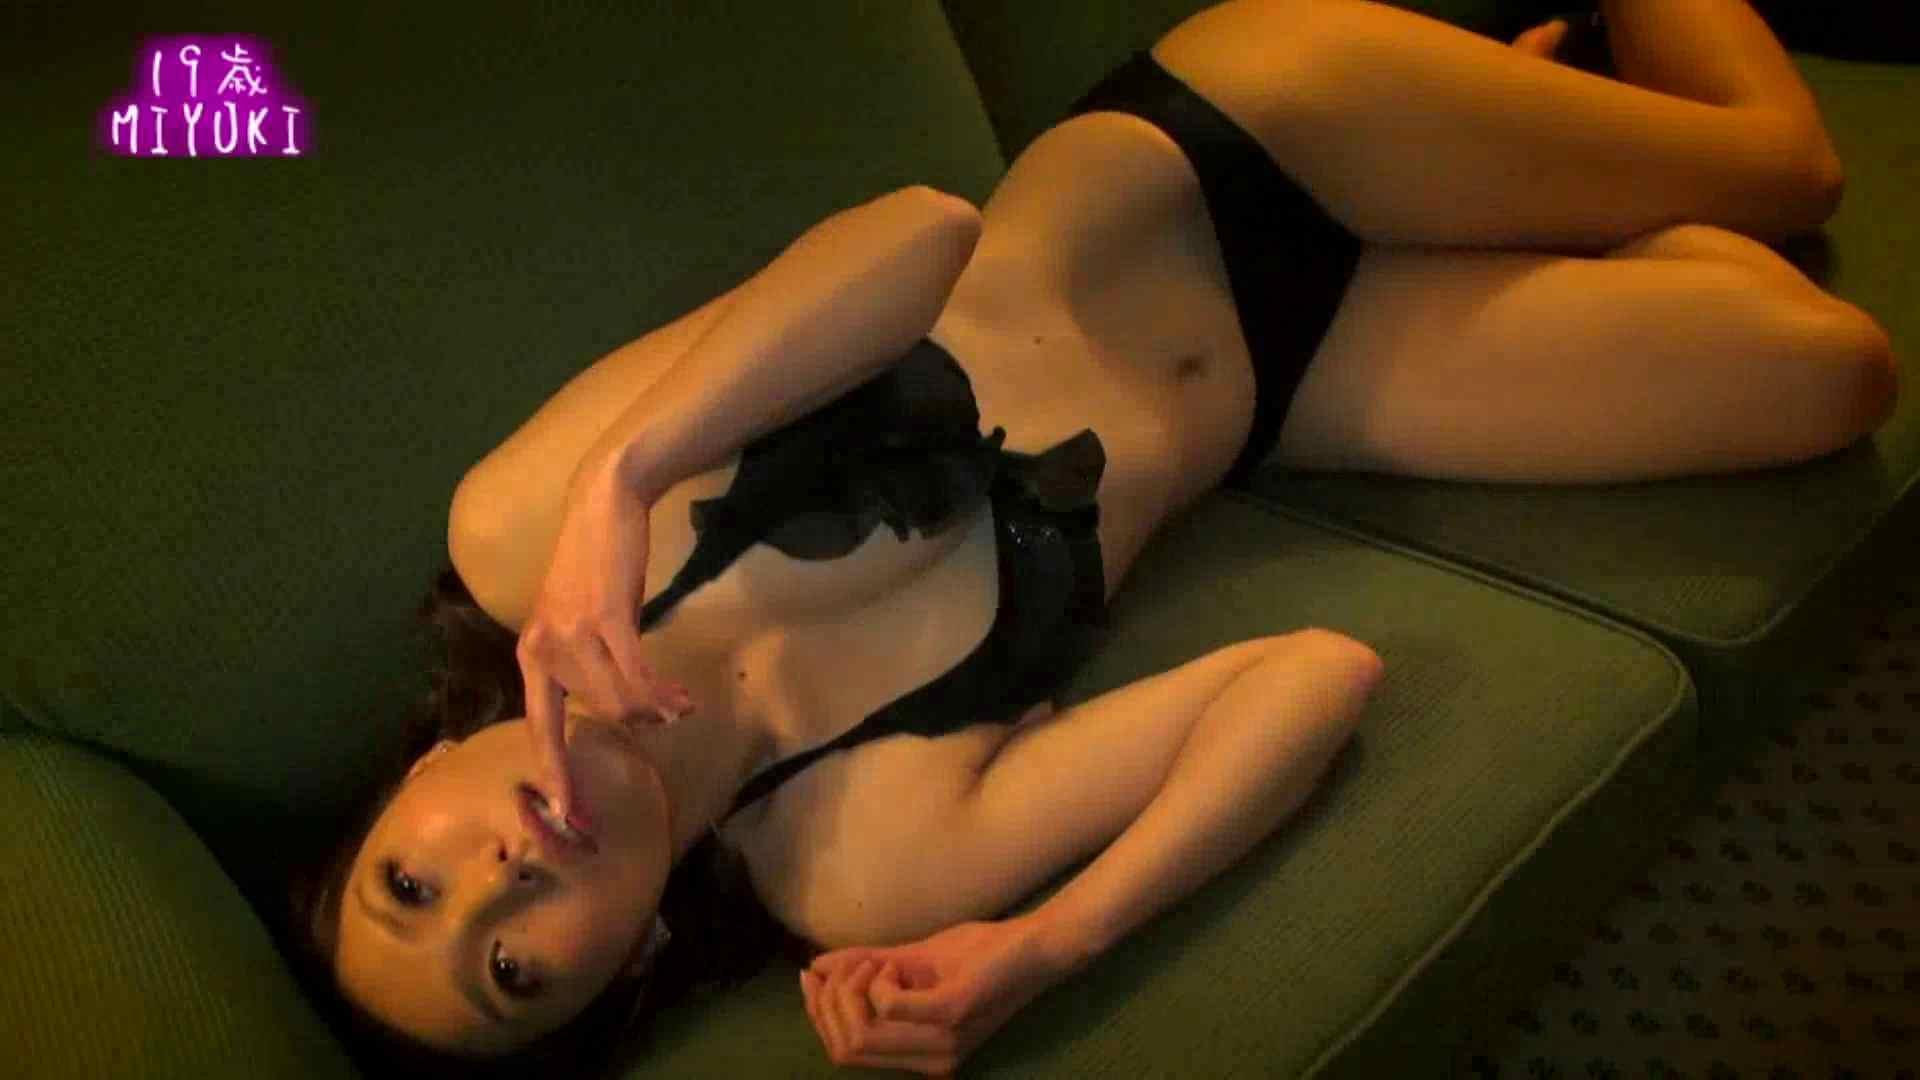 カメラテストを兼ねて、MIYUKIちゃんのイメージ撮影 メーカー直接買い取り  88連発 9